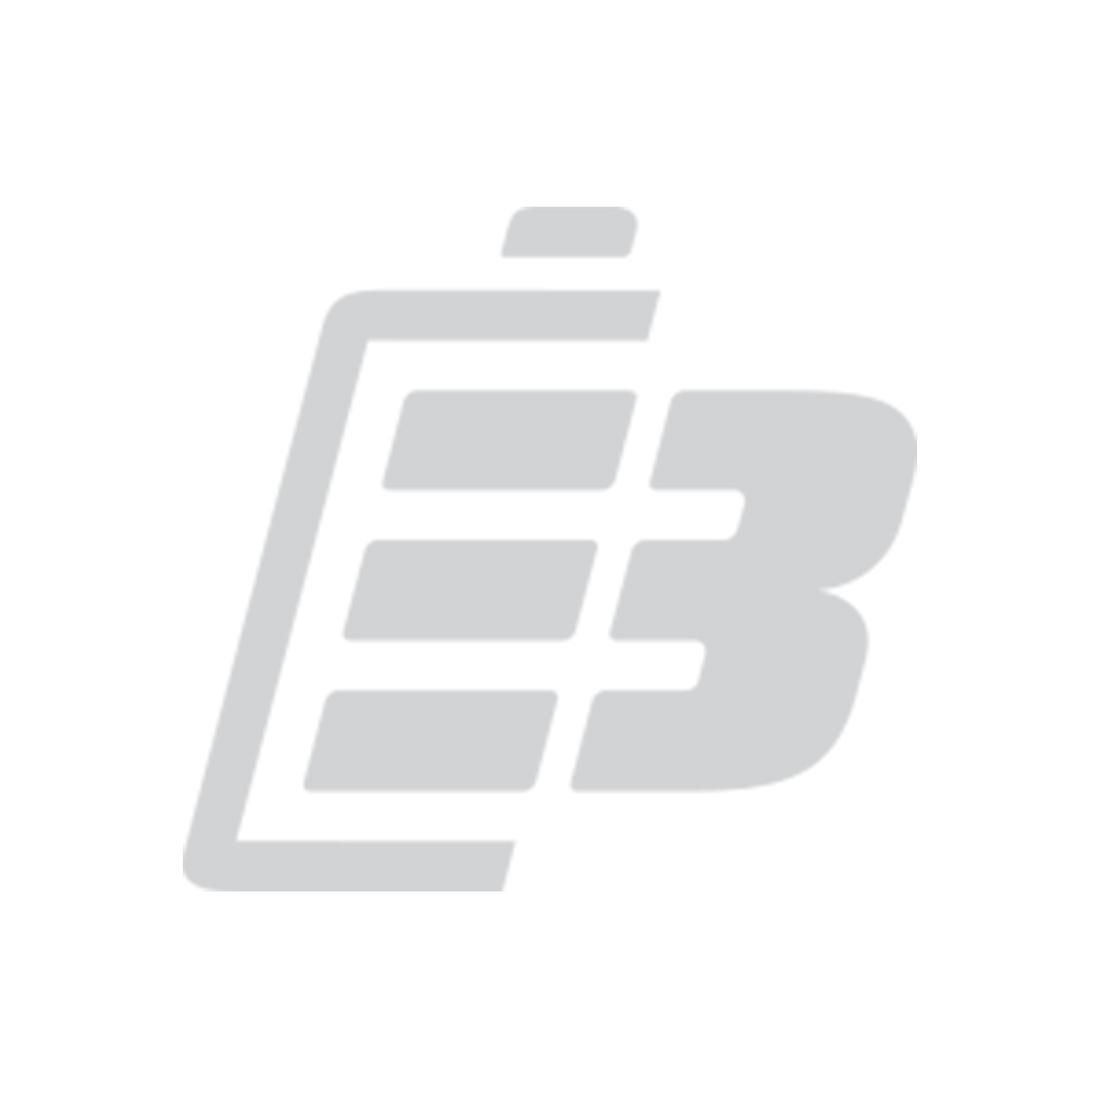 Μπαταρία δορυφορικού τηλεφώνου Iridium 9555_1